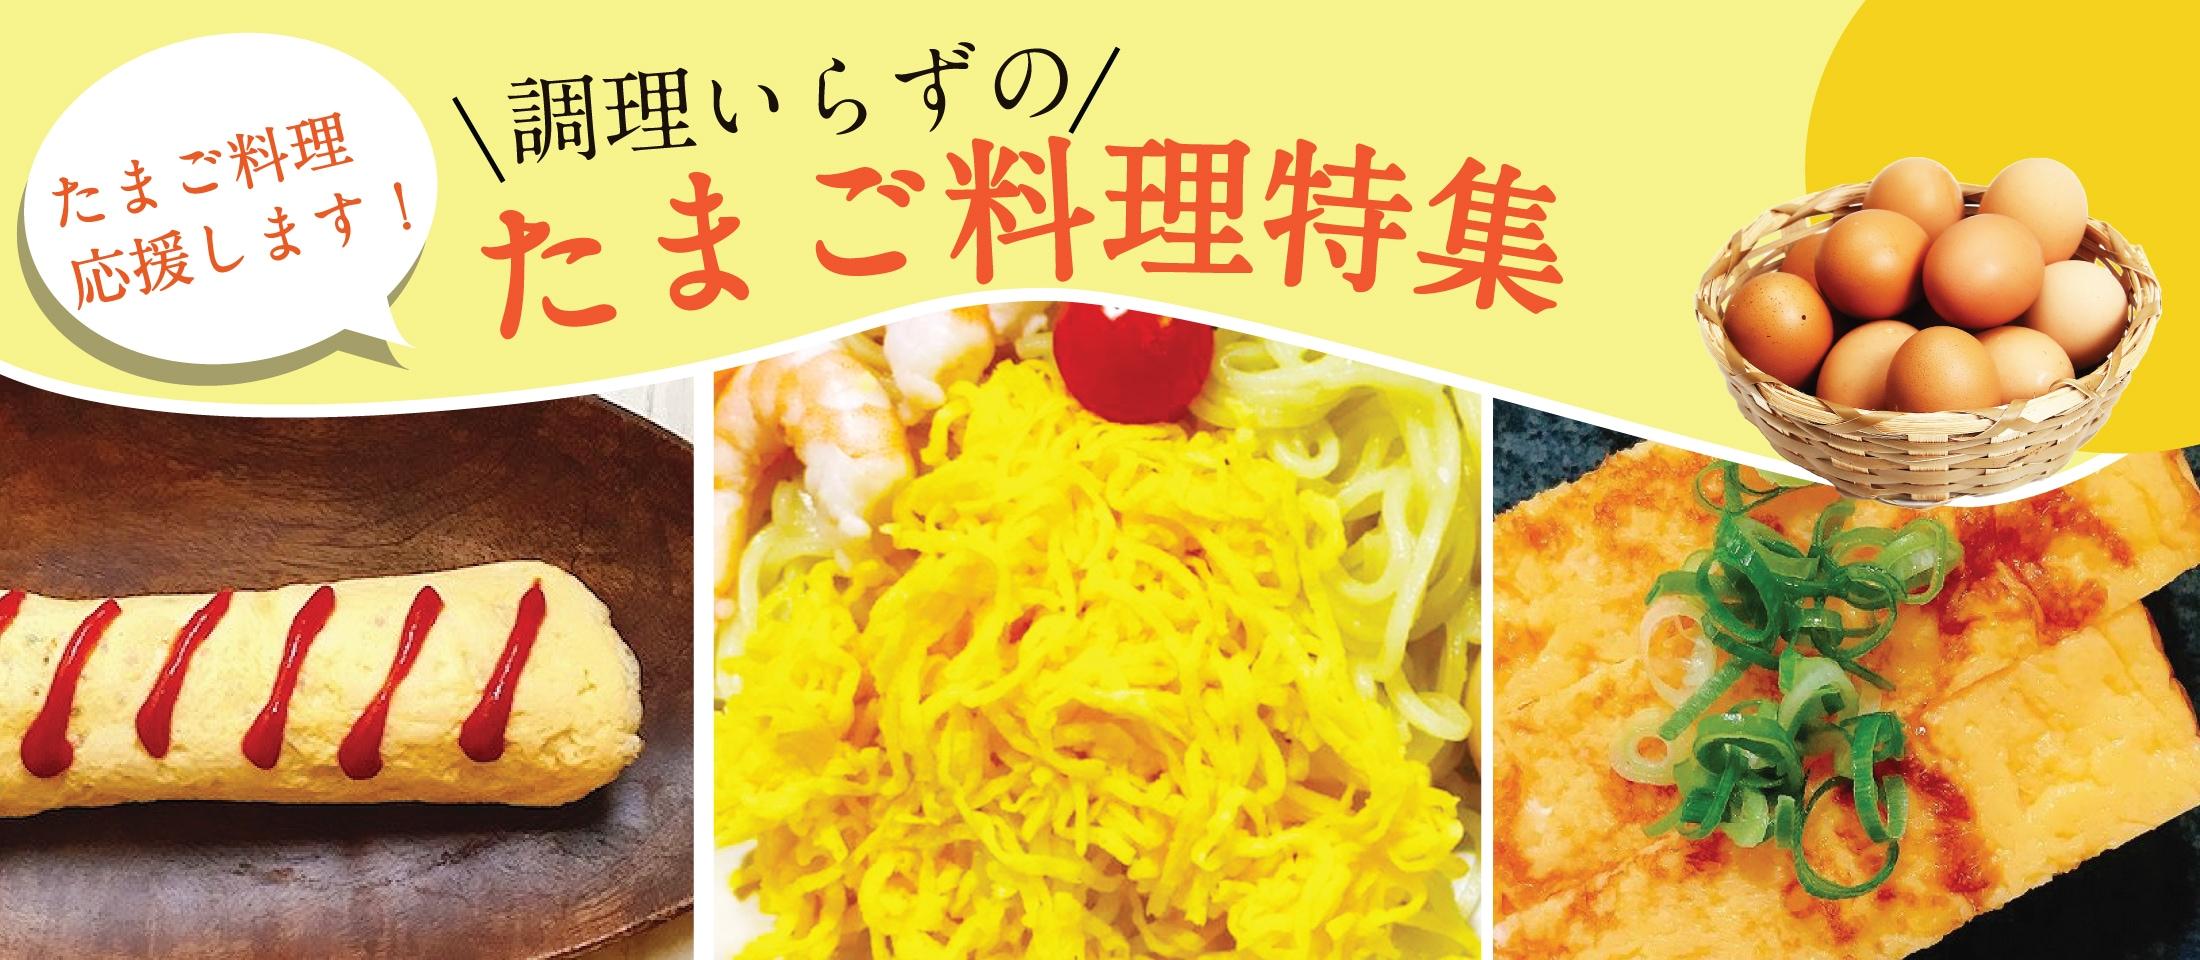 たまご料理、応援します!調理いらずのたまご料理特集5選 業務用食品・冷凍食品おすすめ 業務用食品・冷凍食品の通販 |ナカヤマフーズ